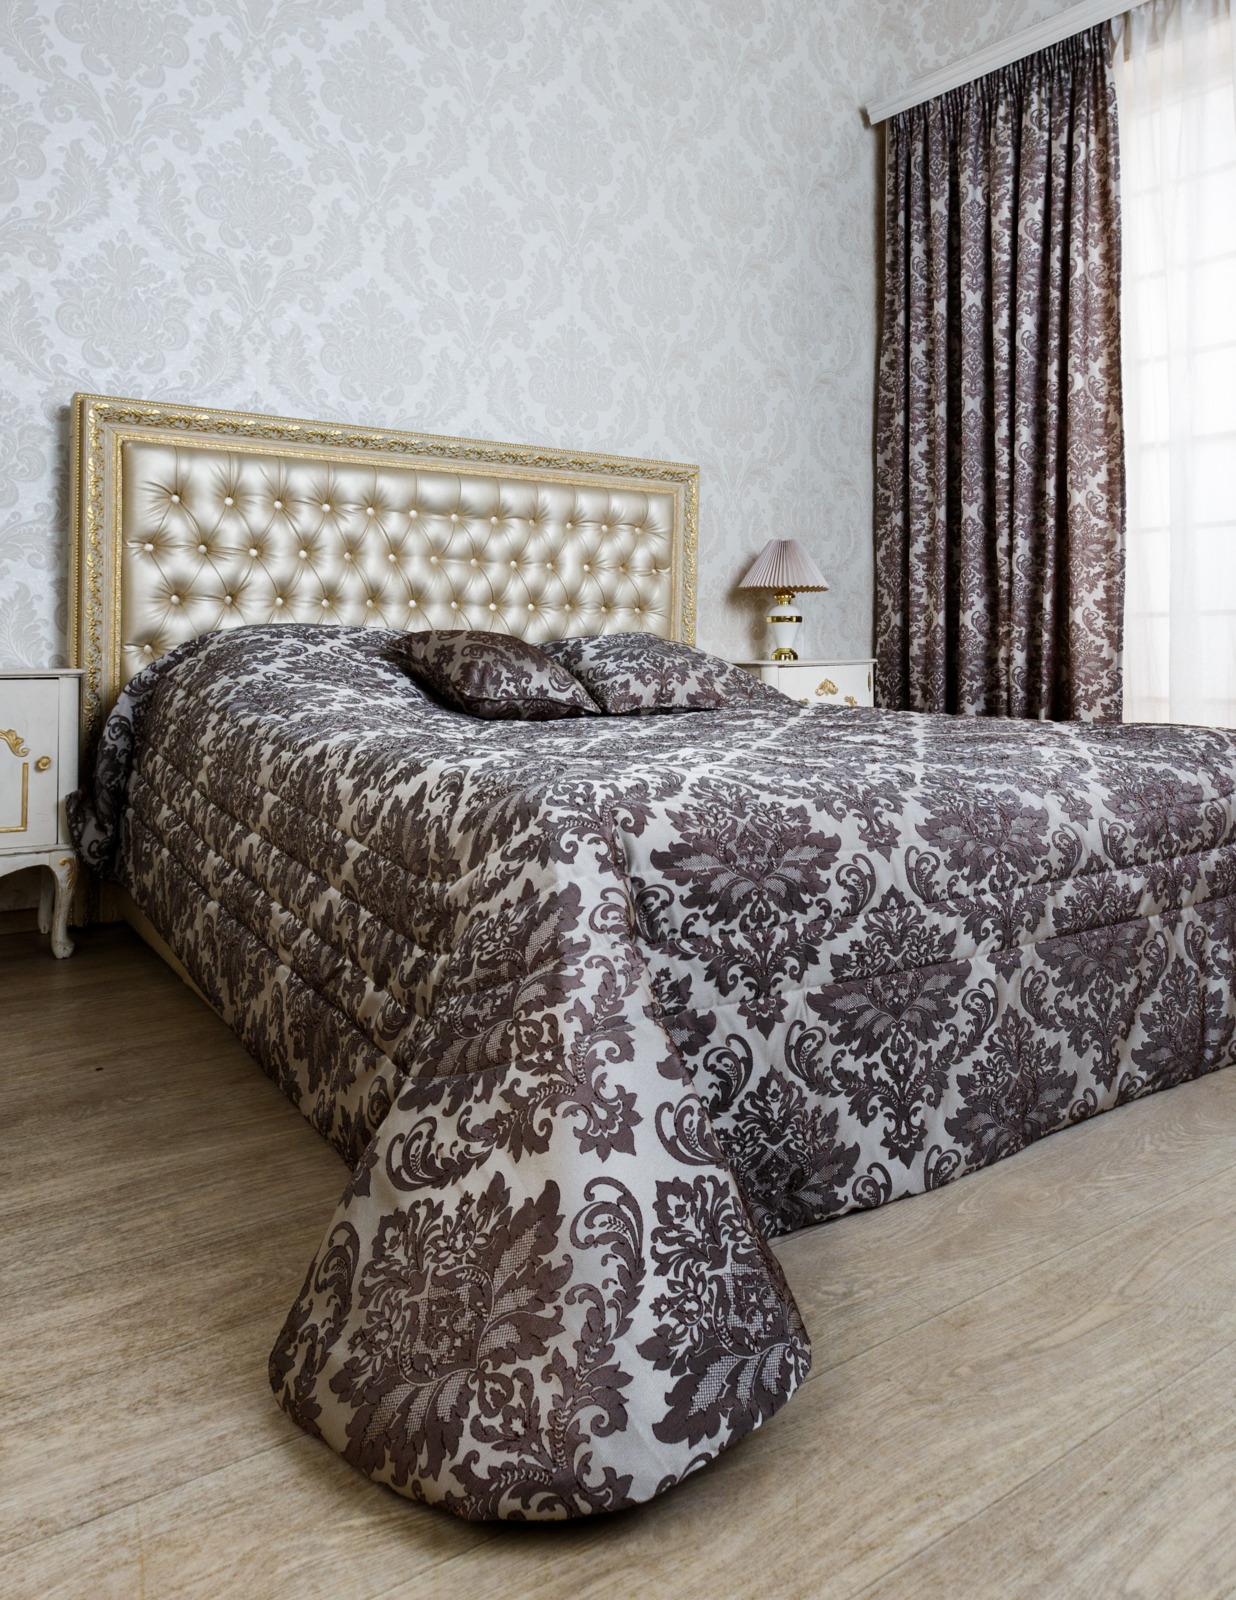 Покрывало Classic by T Комплект Романа Покрывало, 240 х 260 см + Подушки, 40 х 40 см, 2 шт коричневый